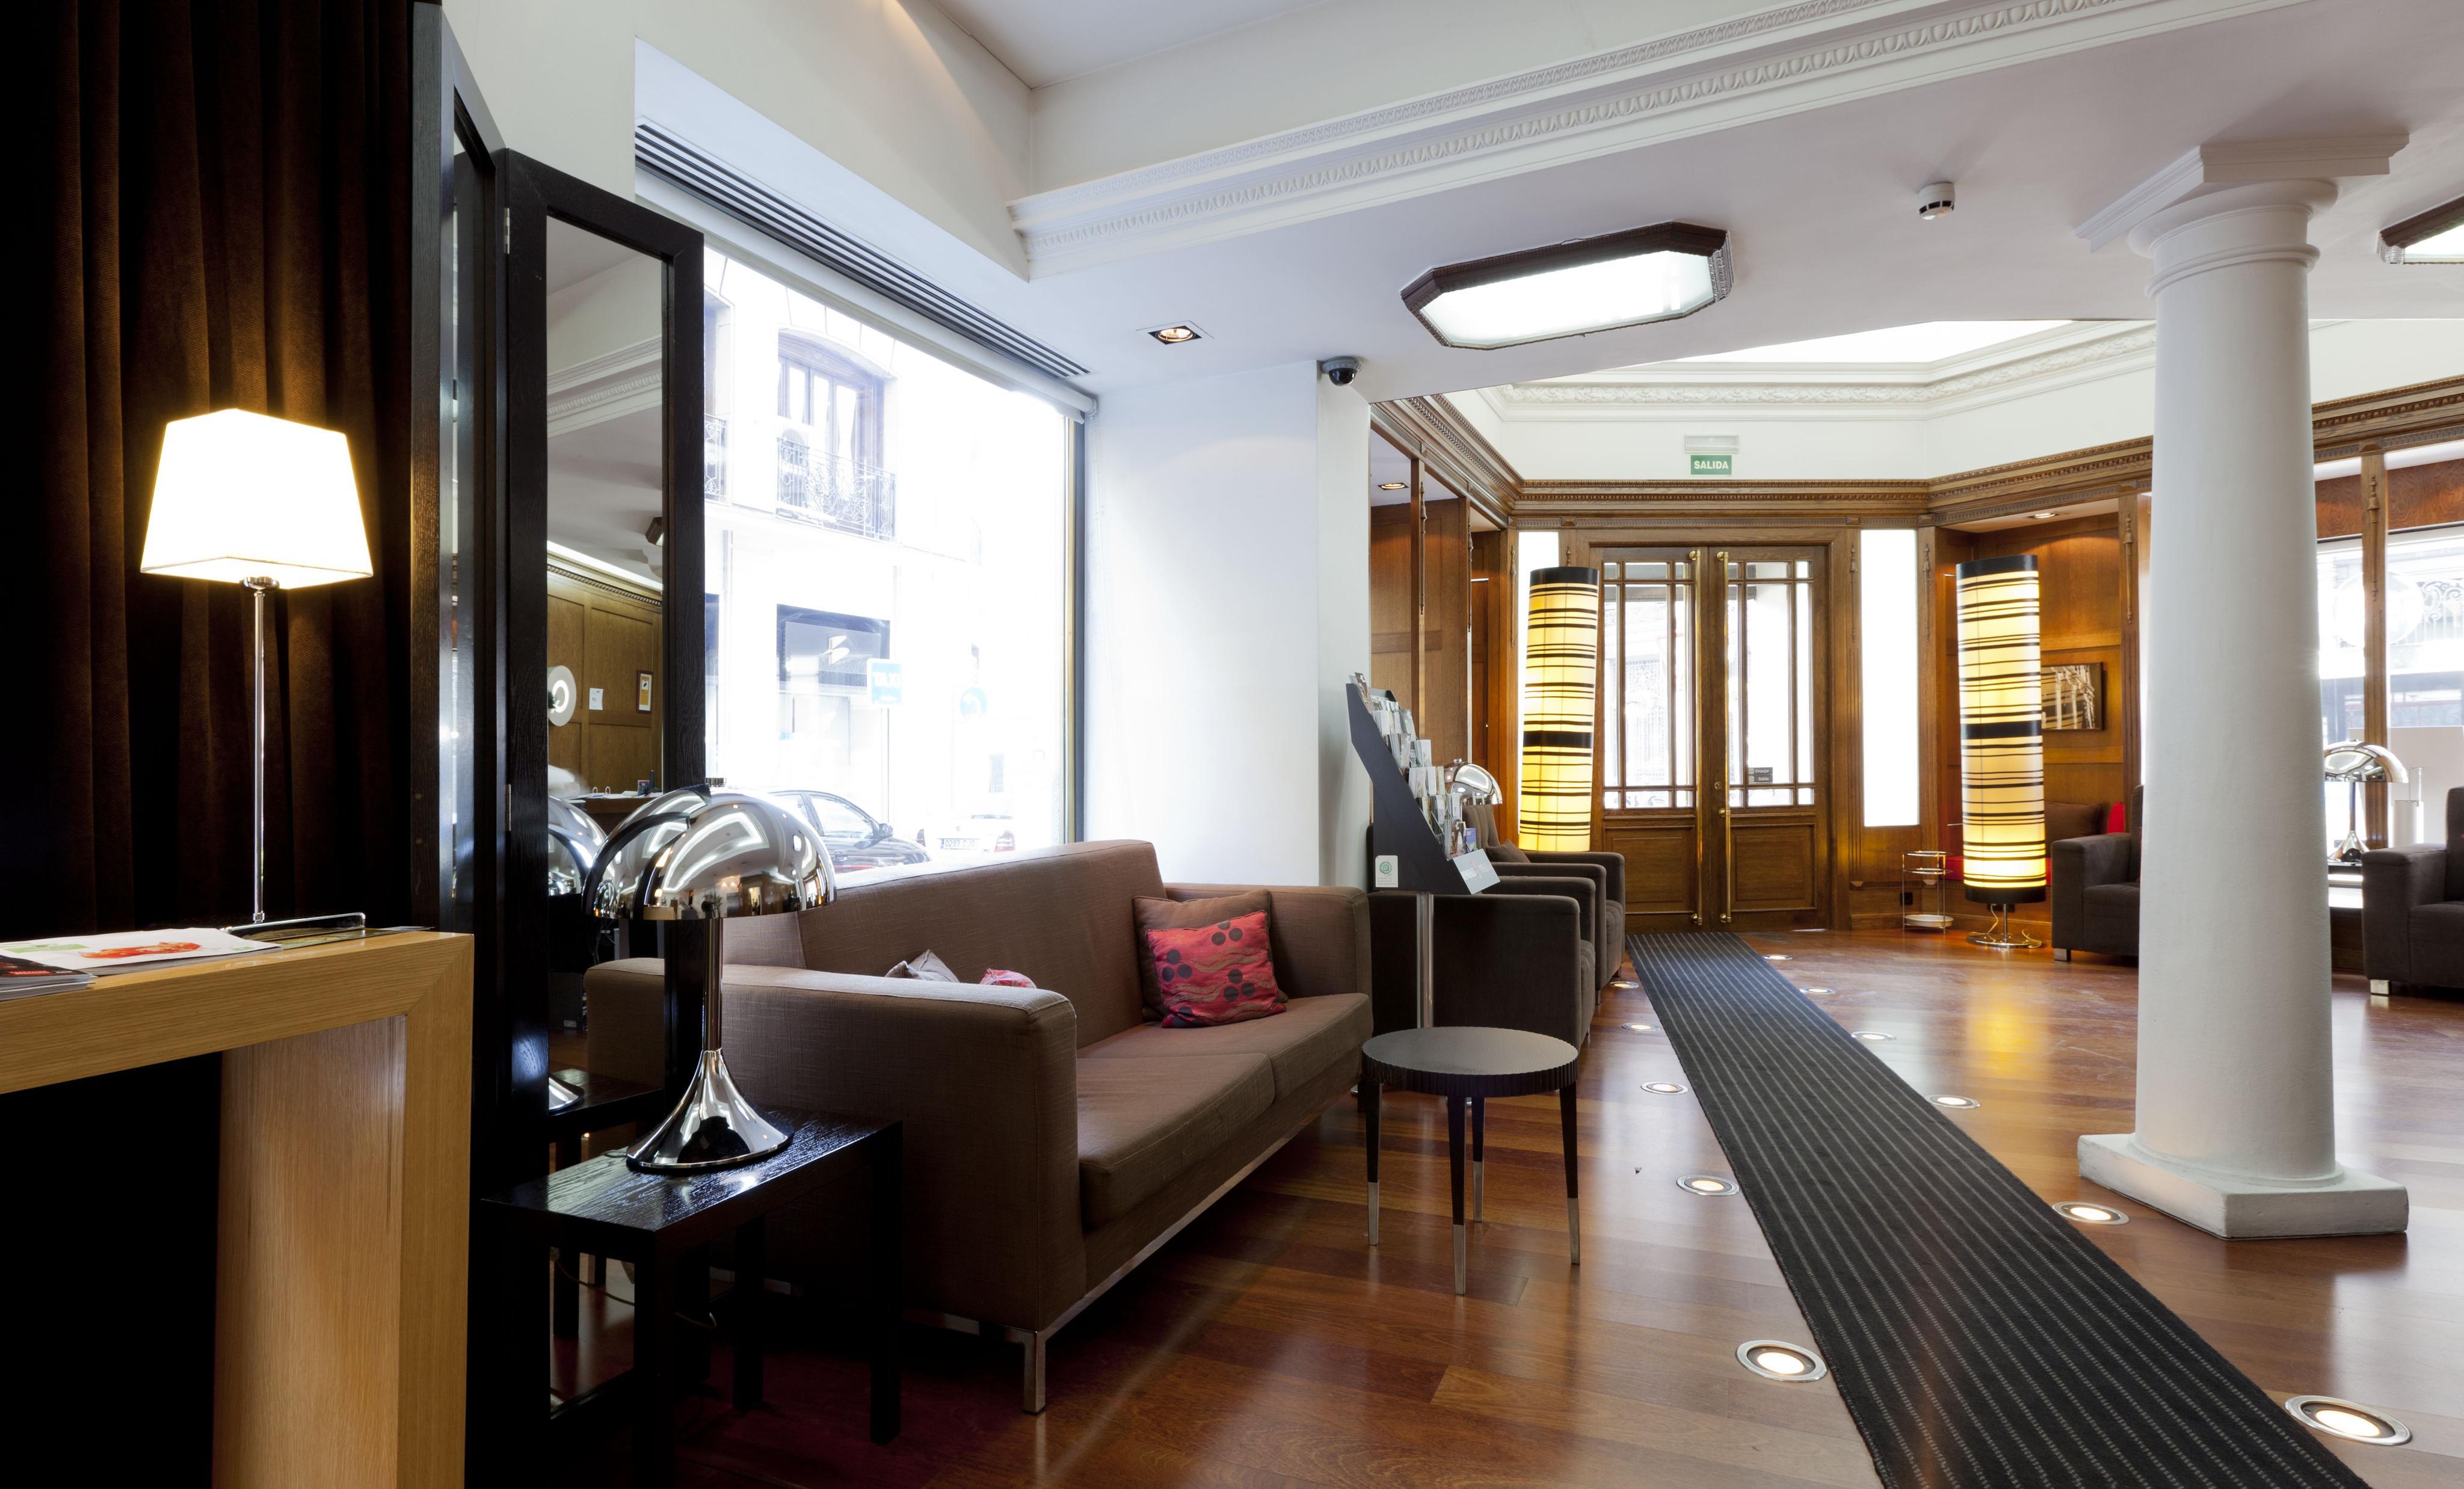 Hotel Quatro Puerta Del Sol En Madrid Desde 64